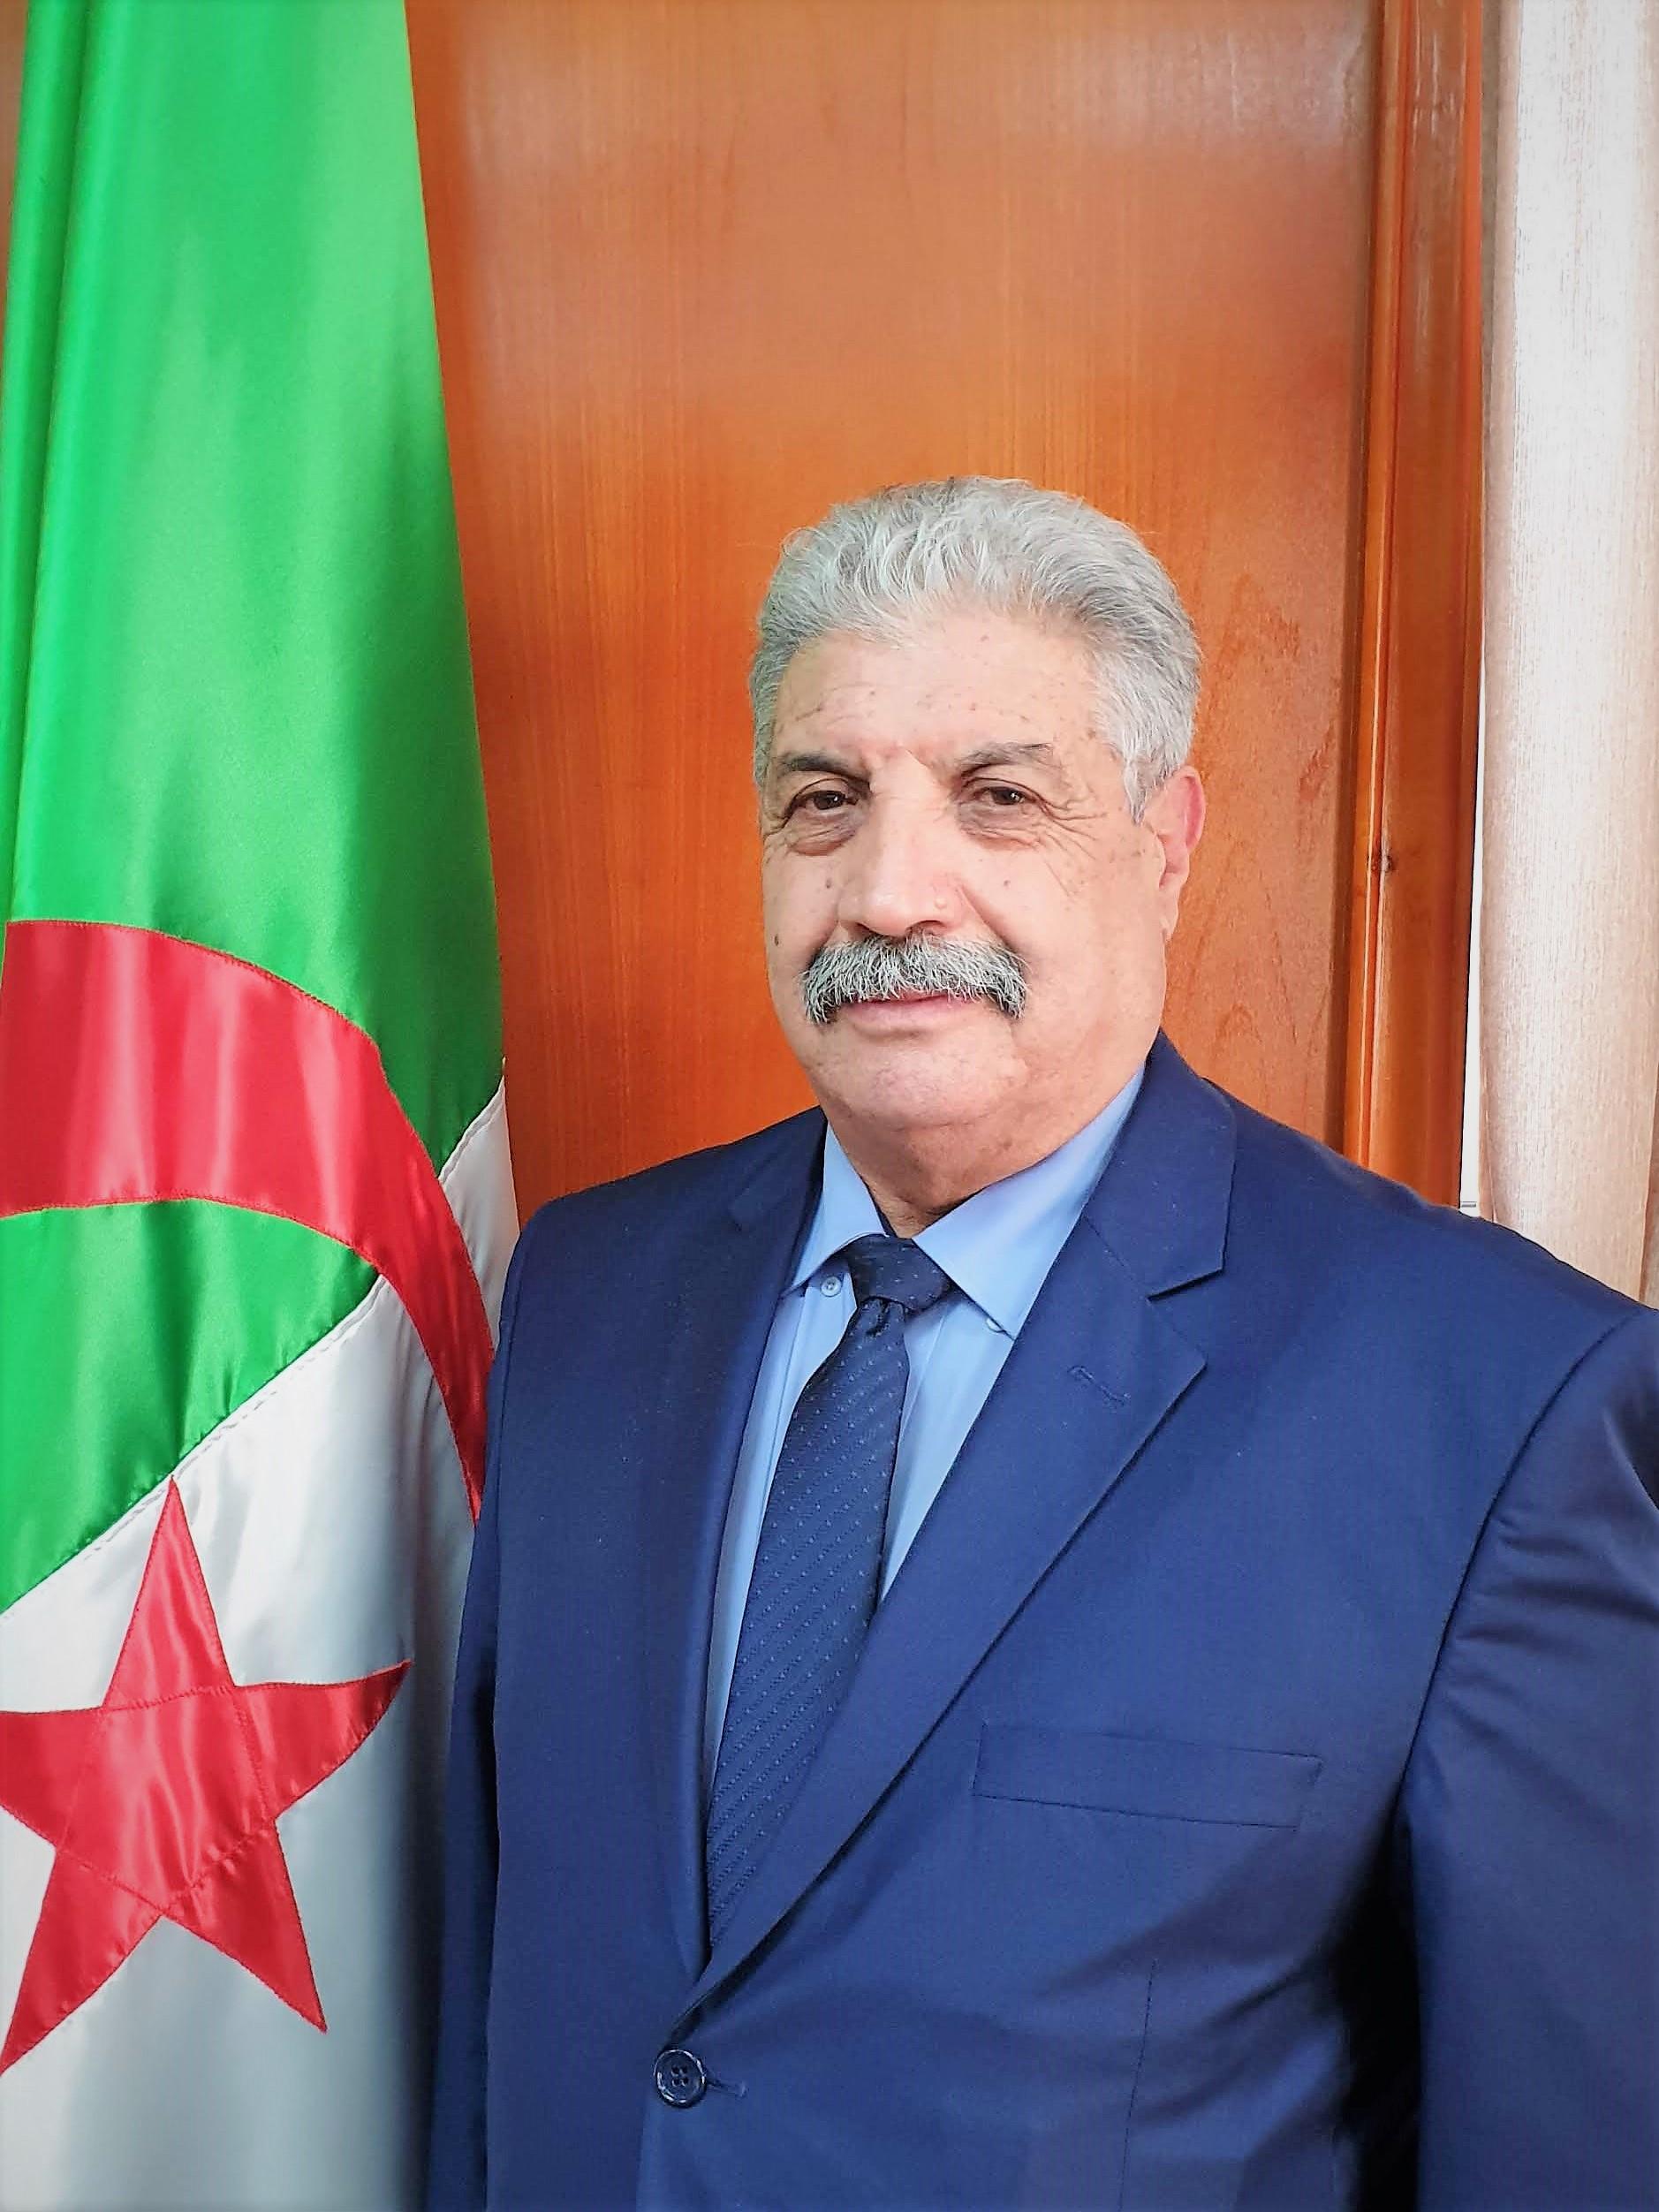 Tayeb Bouzid Wikipedia